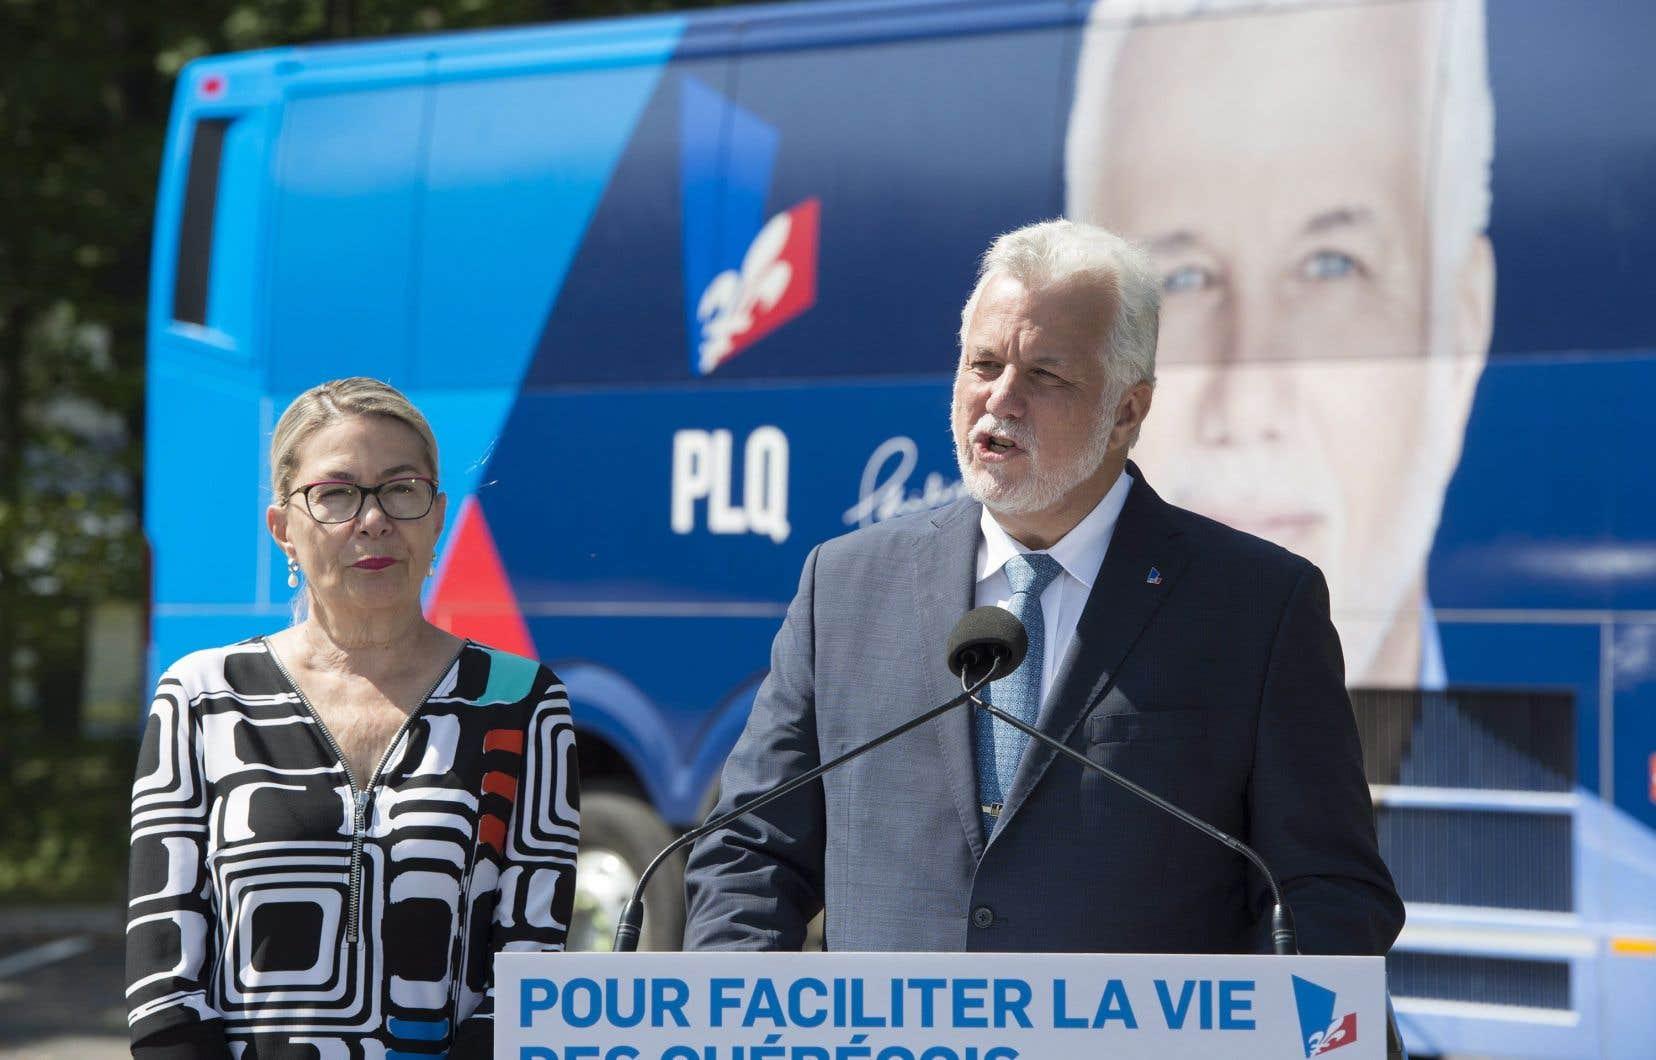 Le chef libéral, Philippe Couillard, a décoché ses premières flèches à l'endroit de la Coalition avenir Québec, qui caracole en tête des sondages.